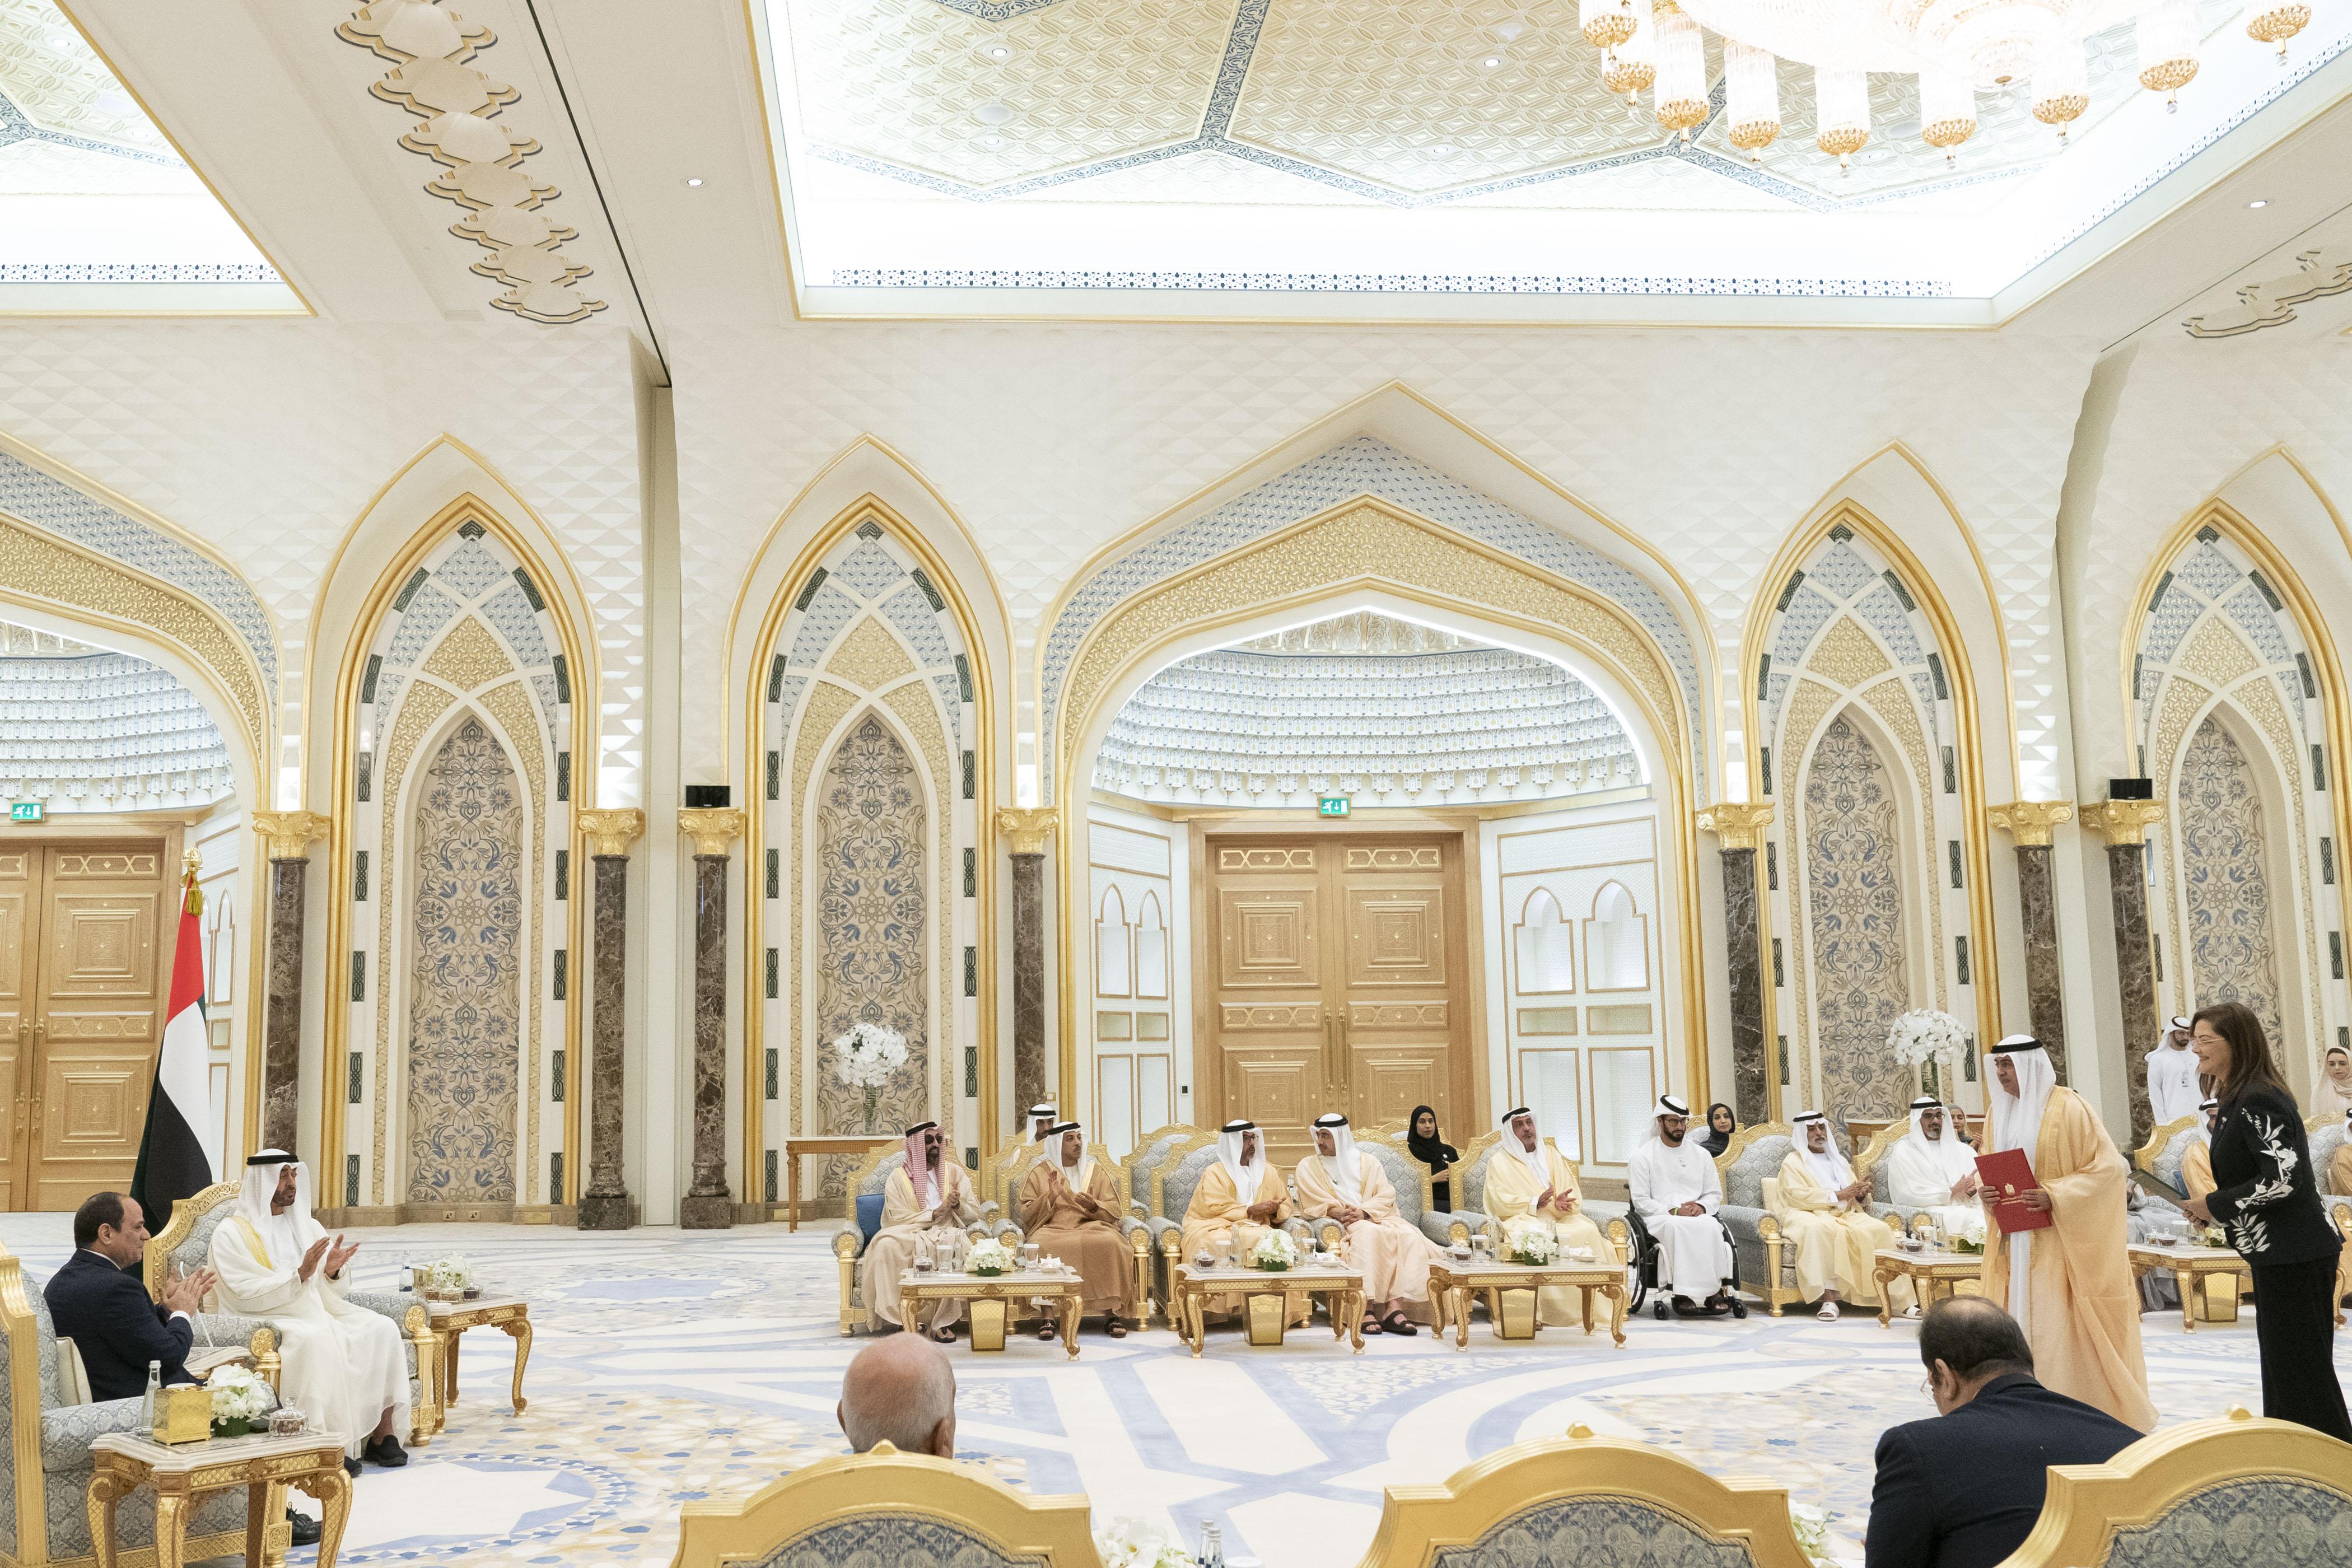 محمد بن زايد والرئيس المصري يشهدان تبادل عدد من الاتفاقيات والمذكرات بين البلدين